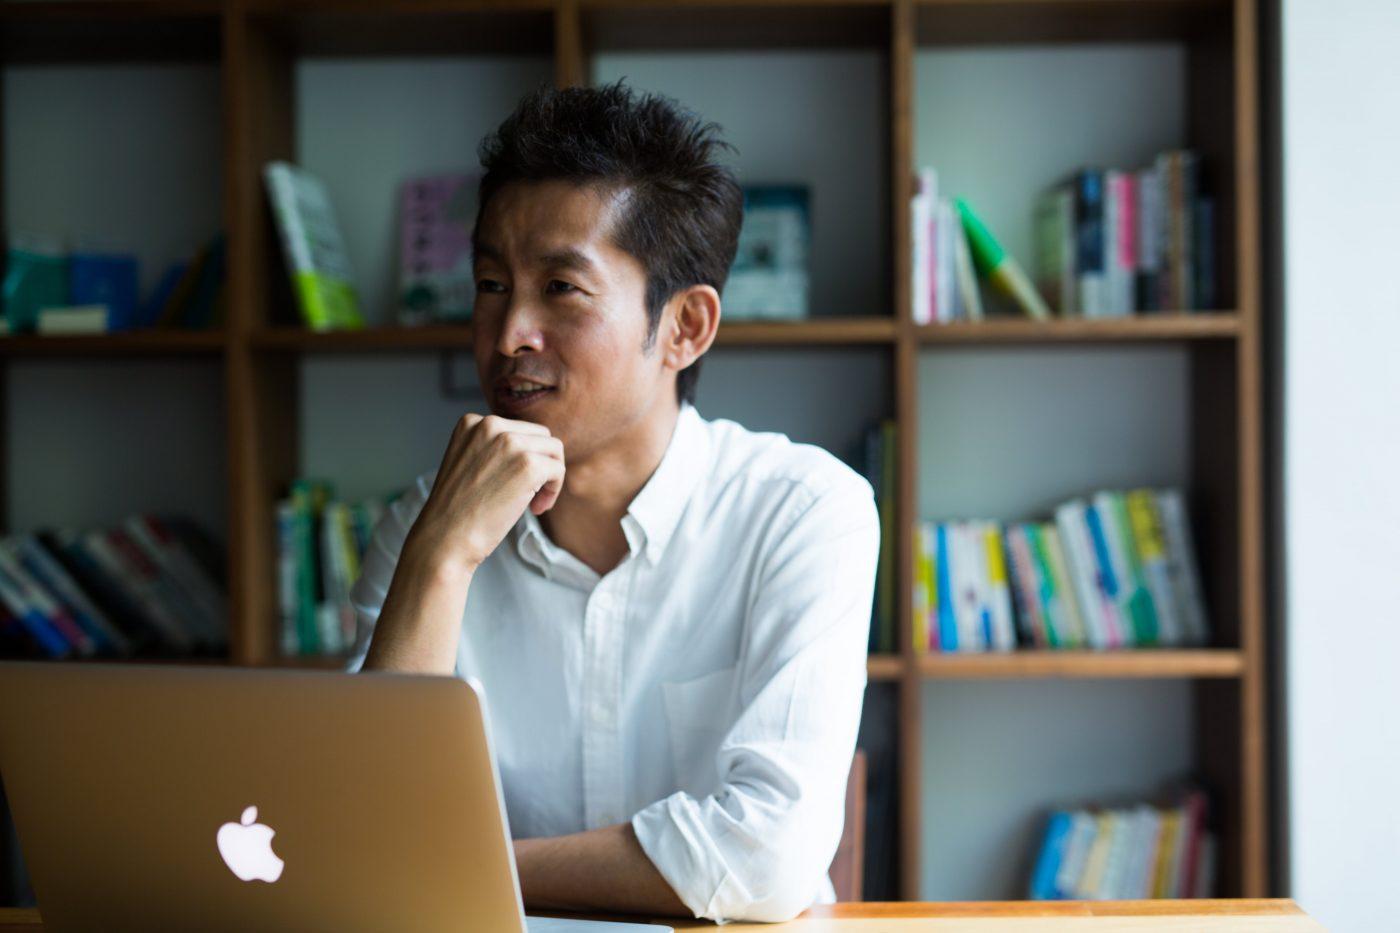 ピースオブケイク 代表取締役 加藤貞顕 起業 note キャリア